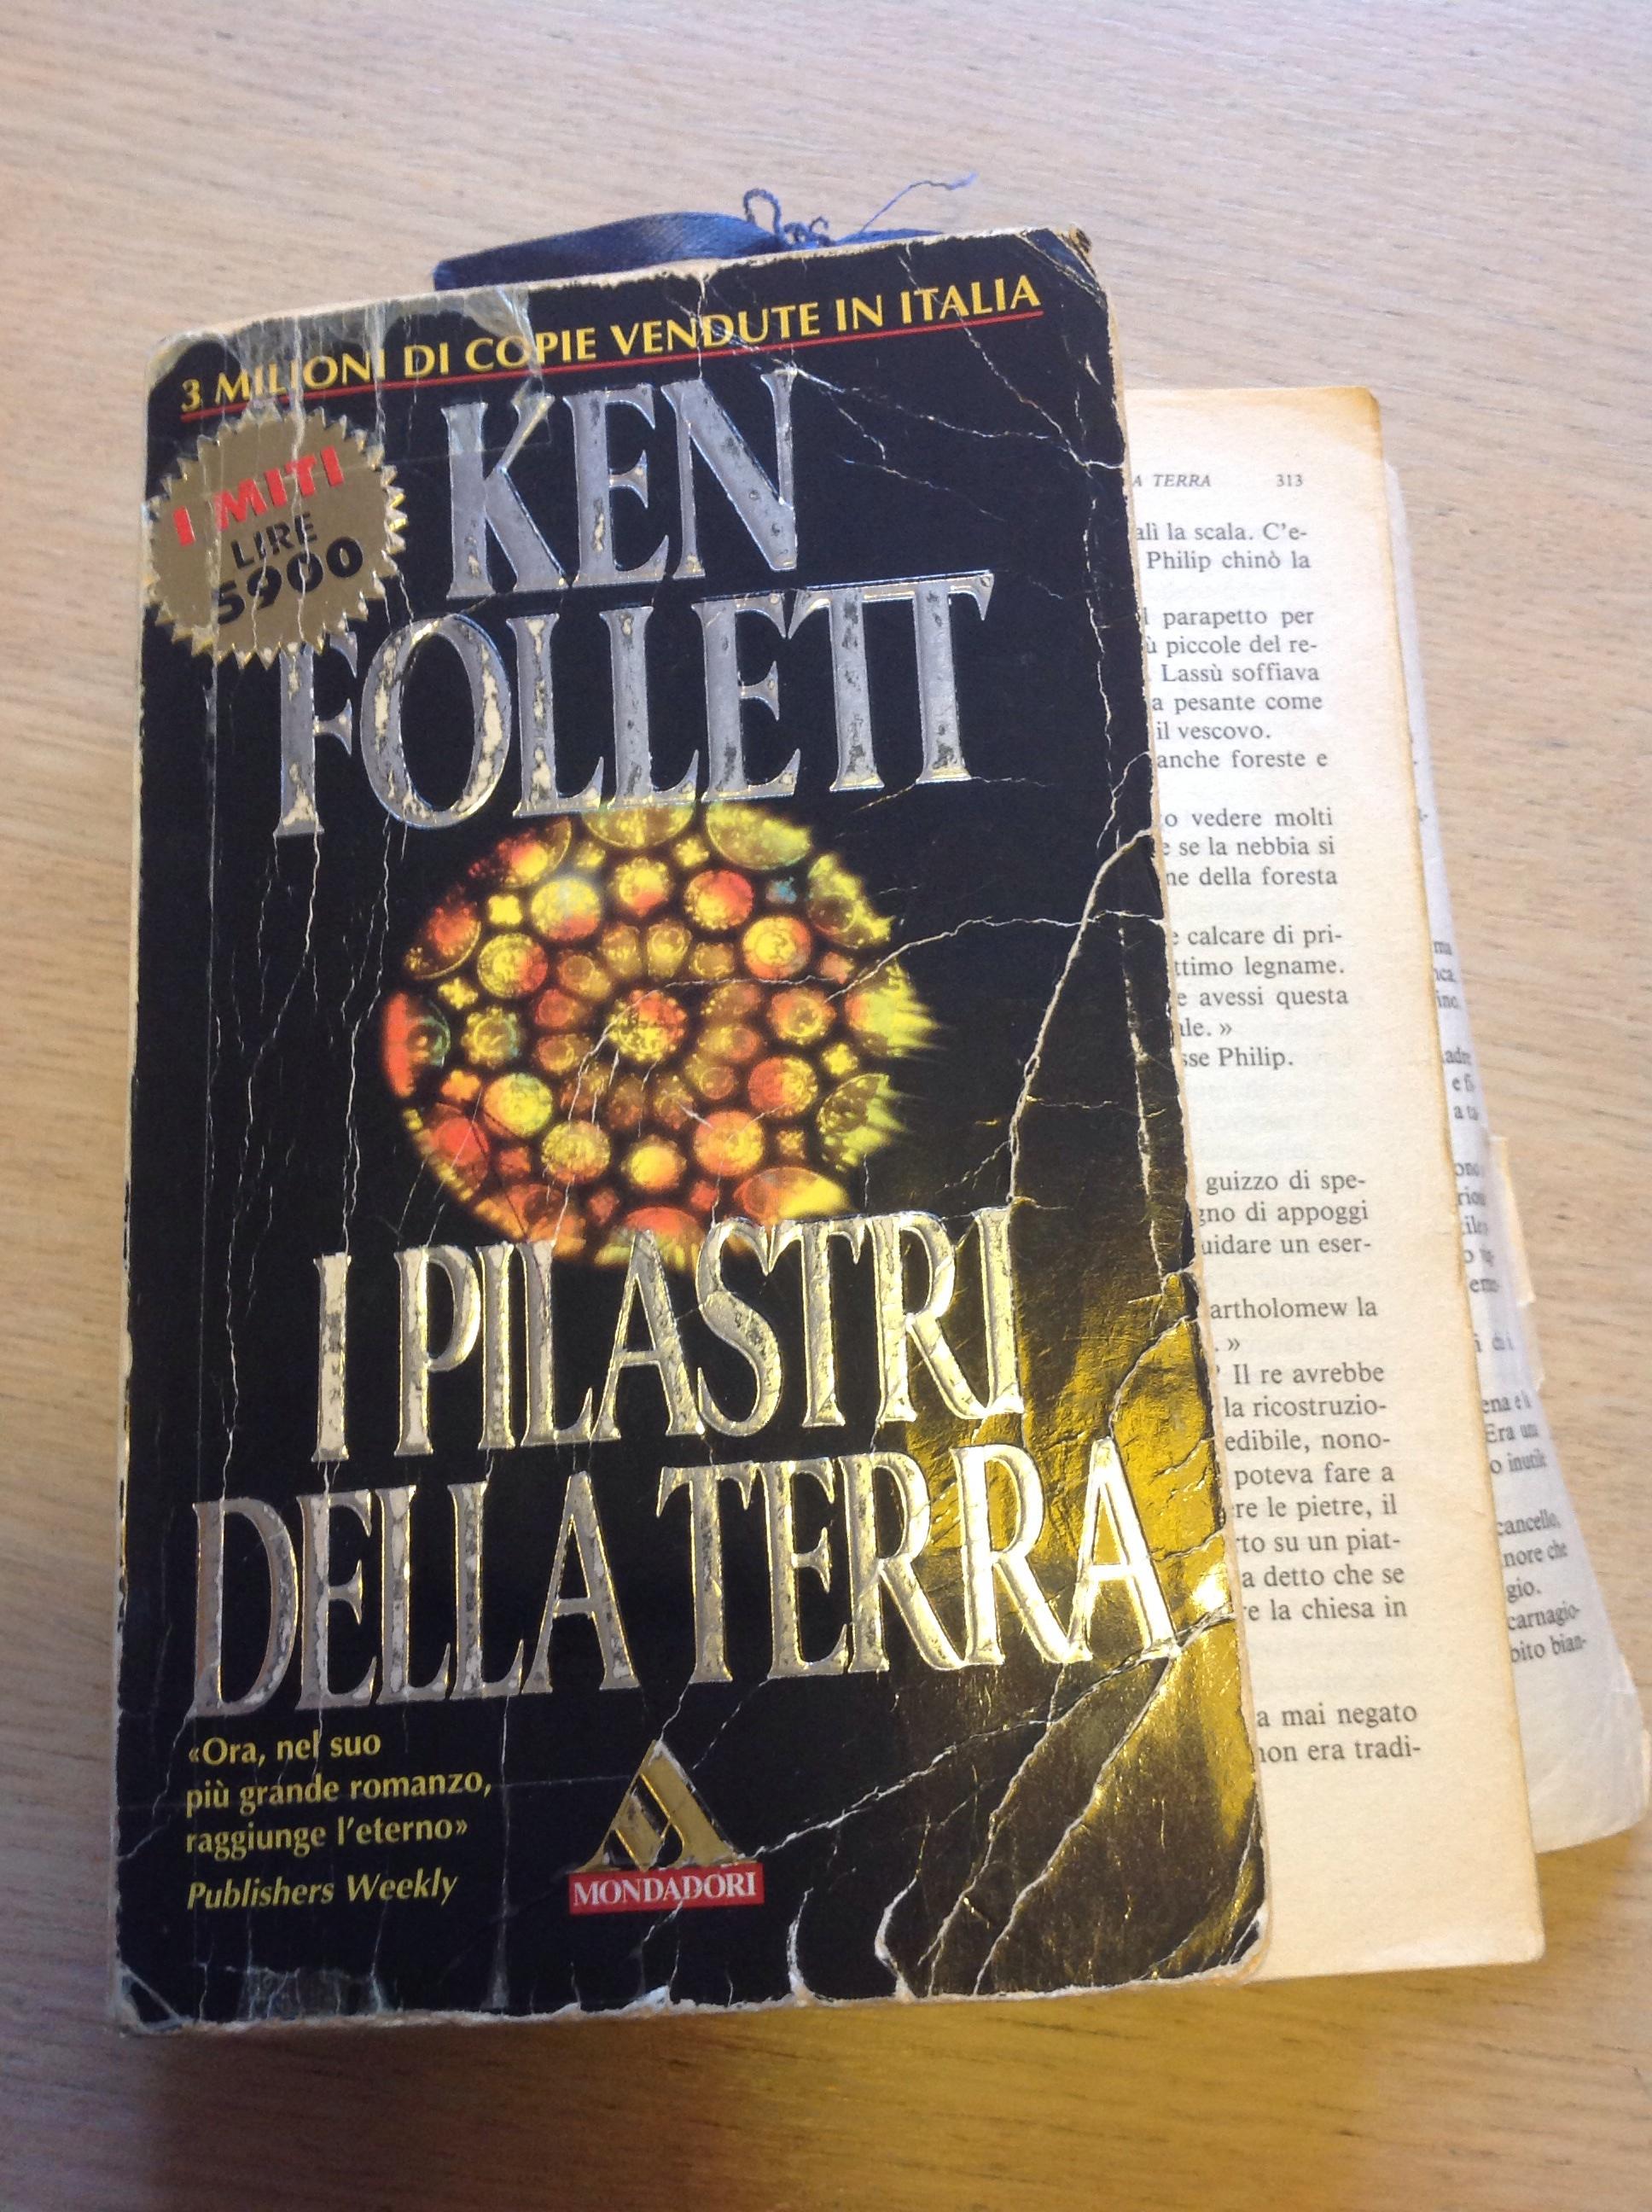 I pilastri della terra ken follett librini - Un letto di leoni ken follett ...